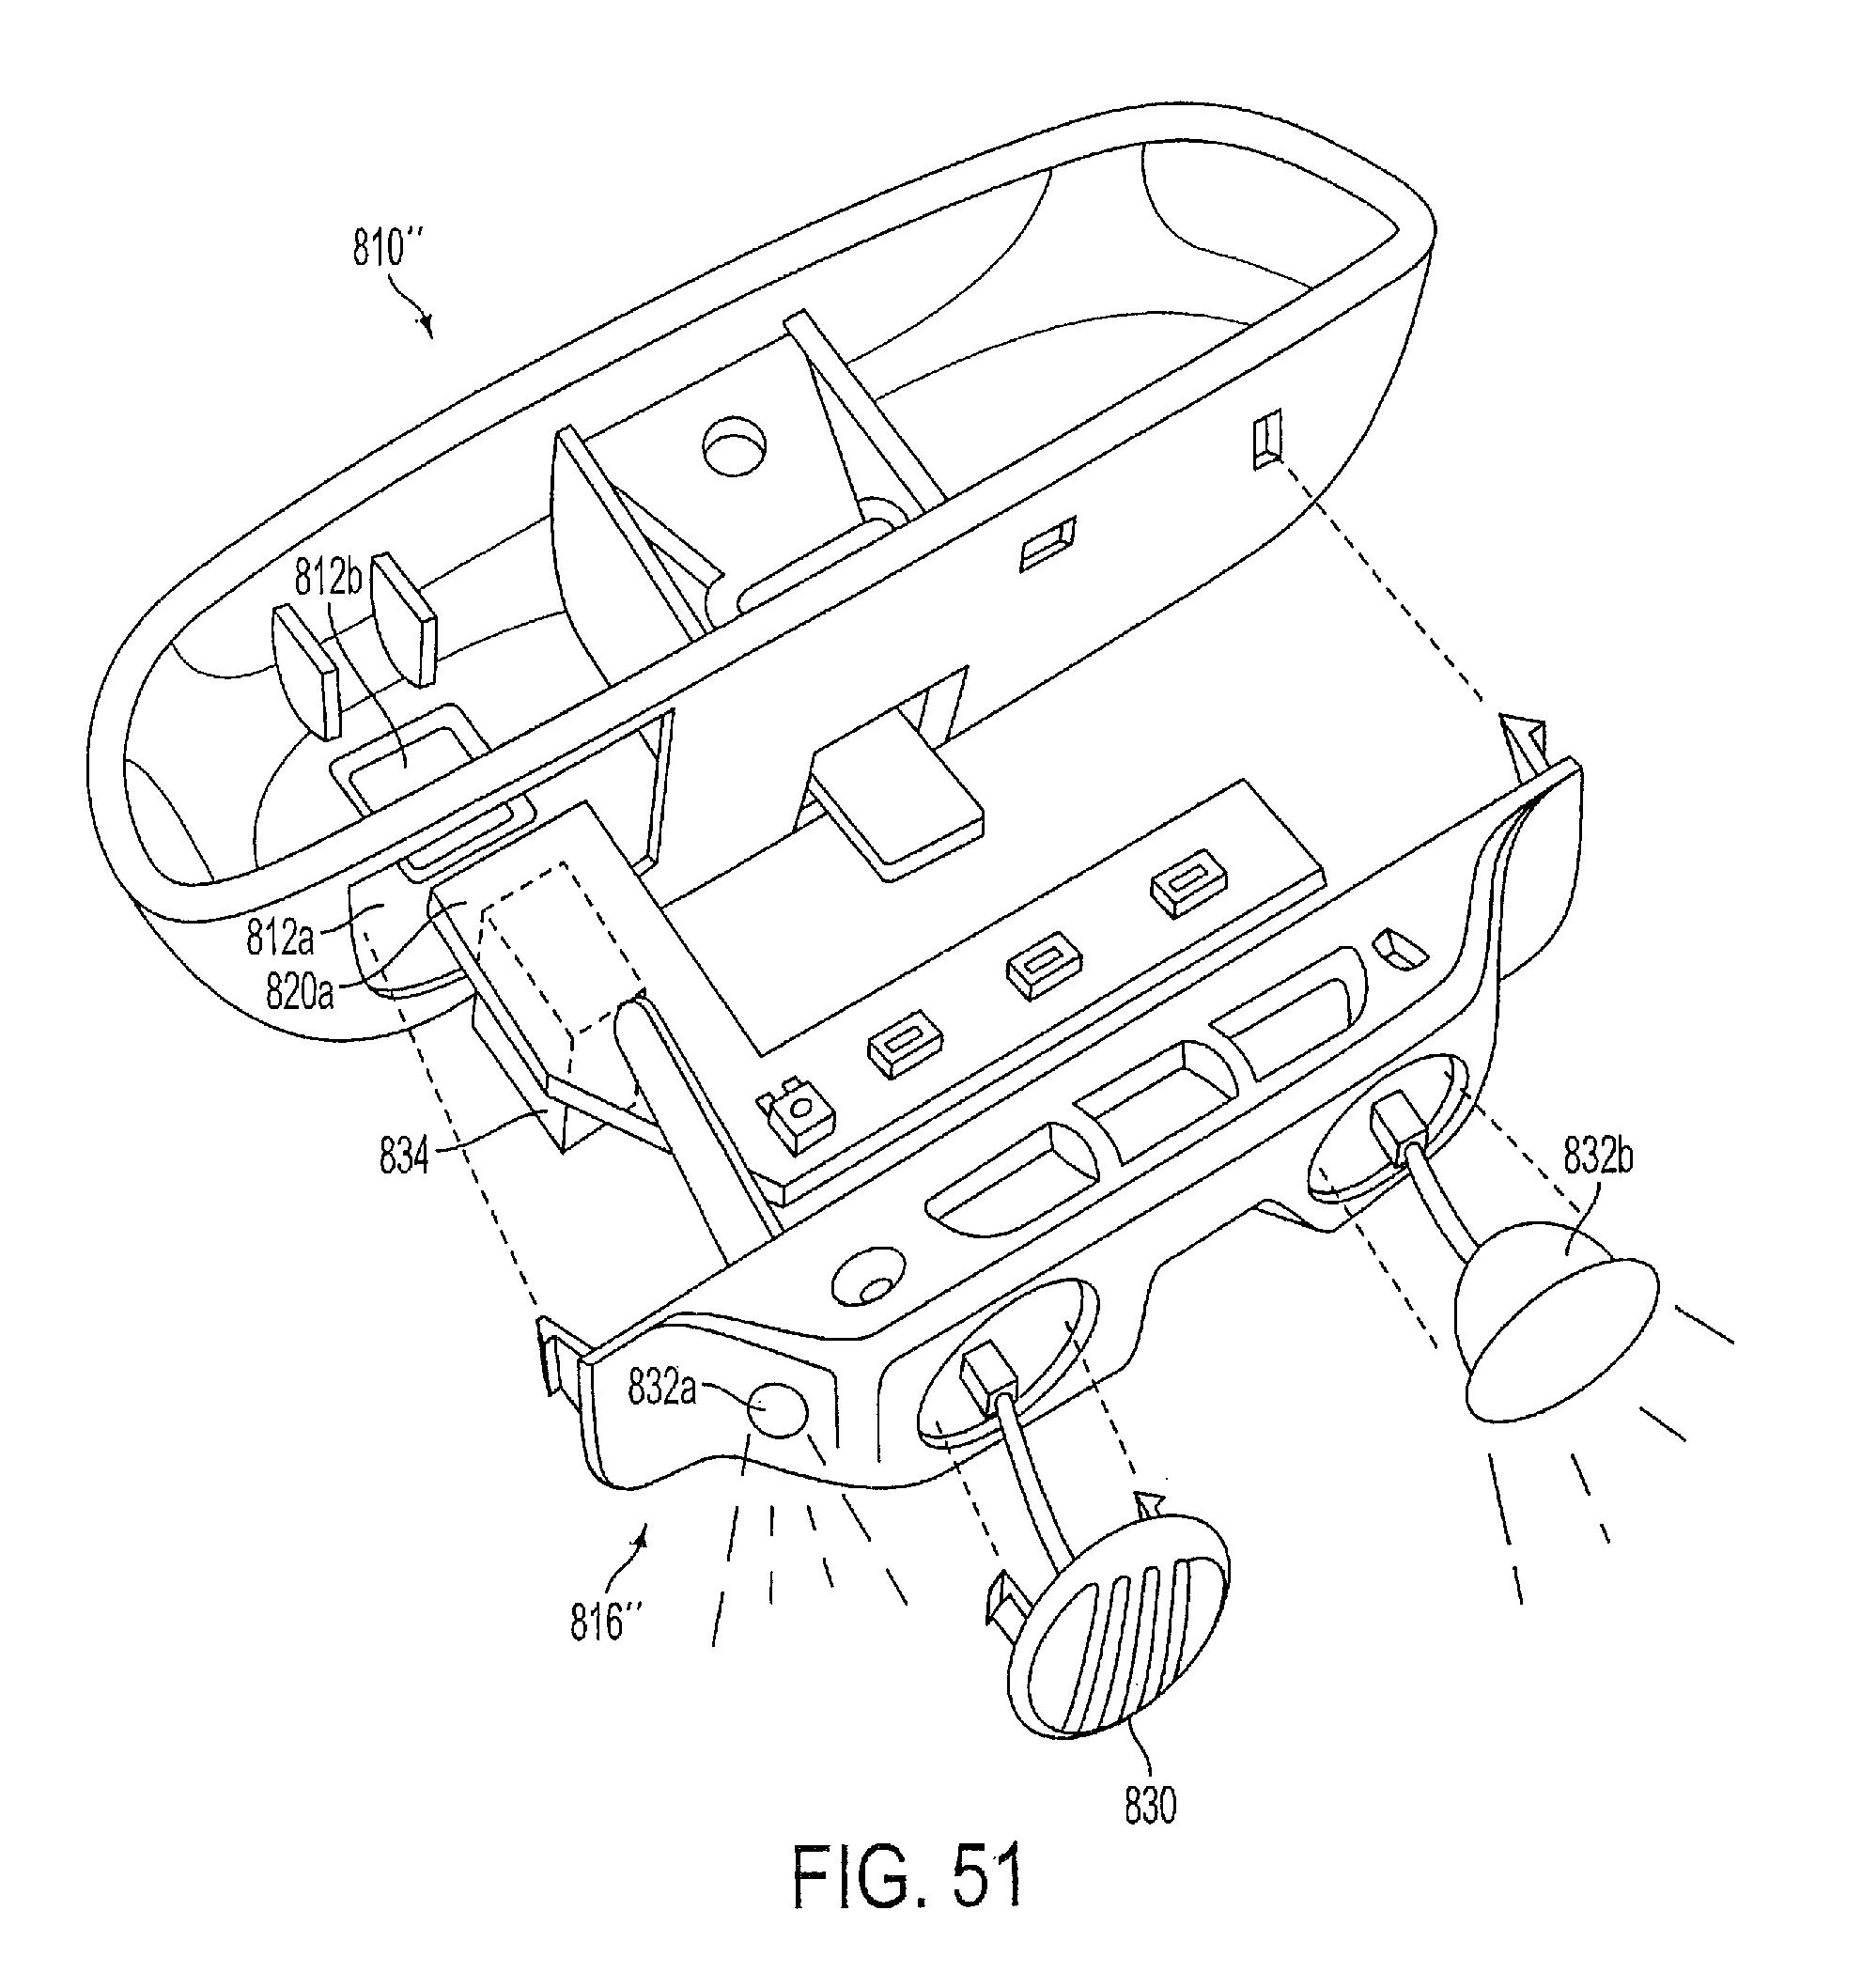 patent us 8 908 039 b2 Mini Cooper Interior Diagram petitions